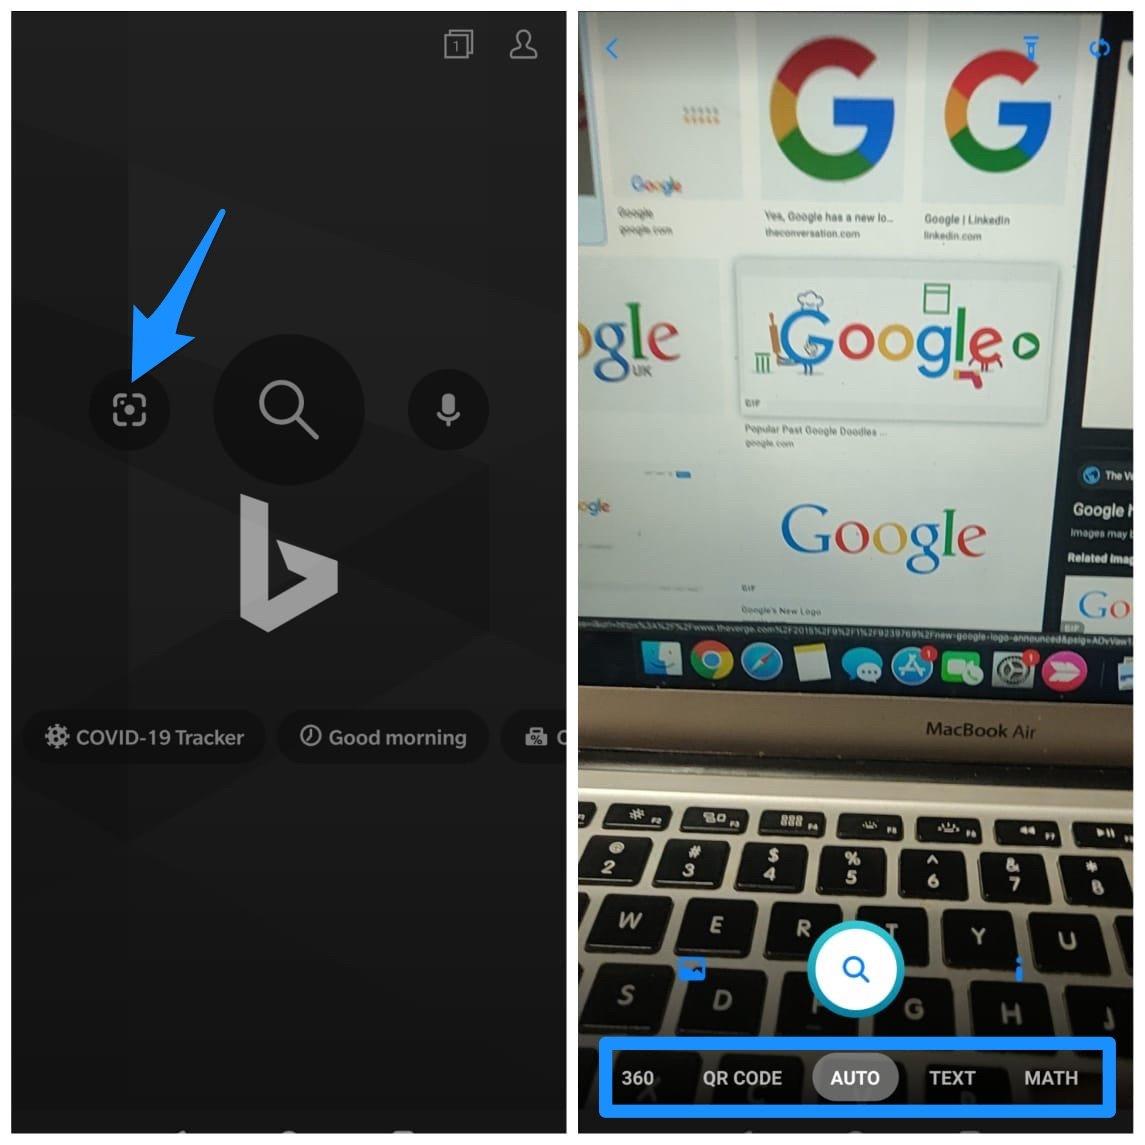 Bing Mobile App Interface